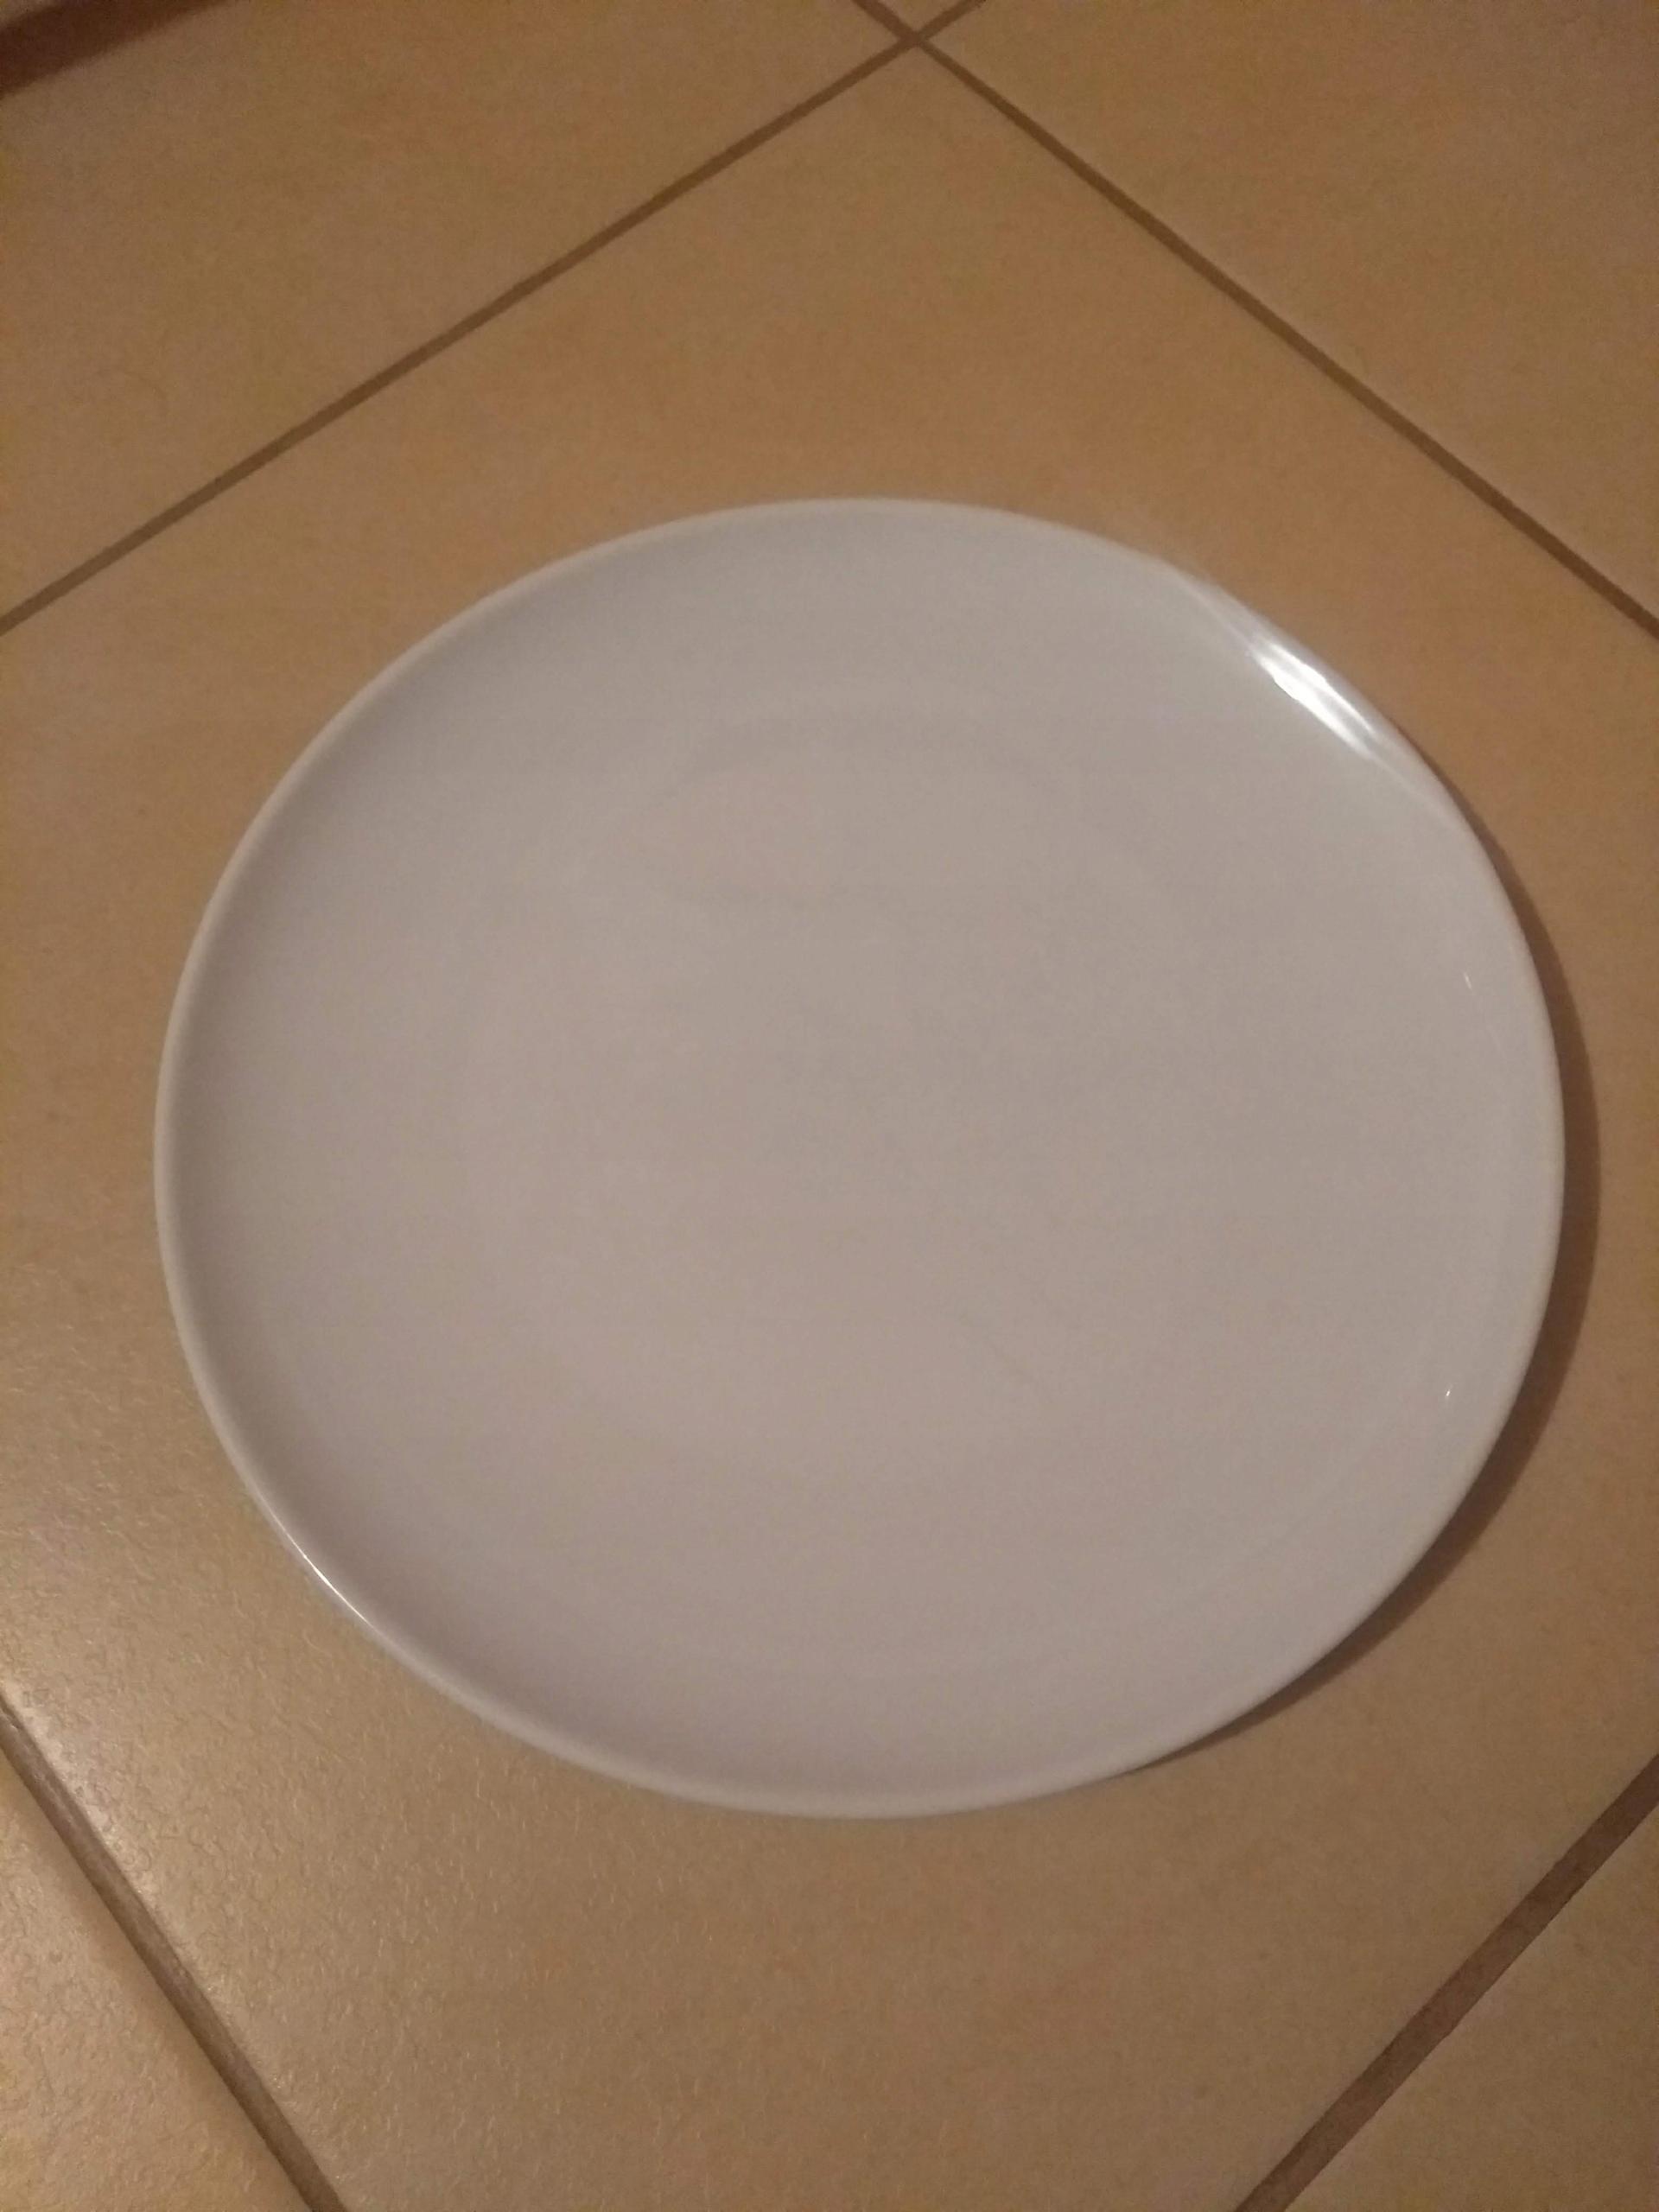 Vista Alegre Płaski Porcelana Biały 22 cm 10 szt